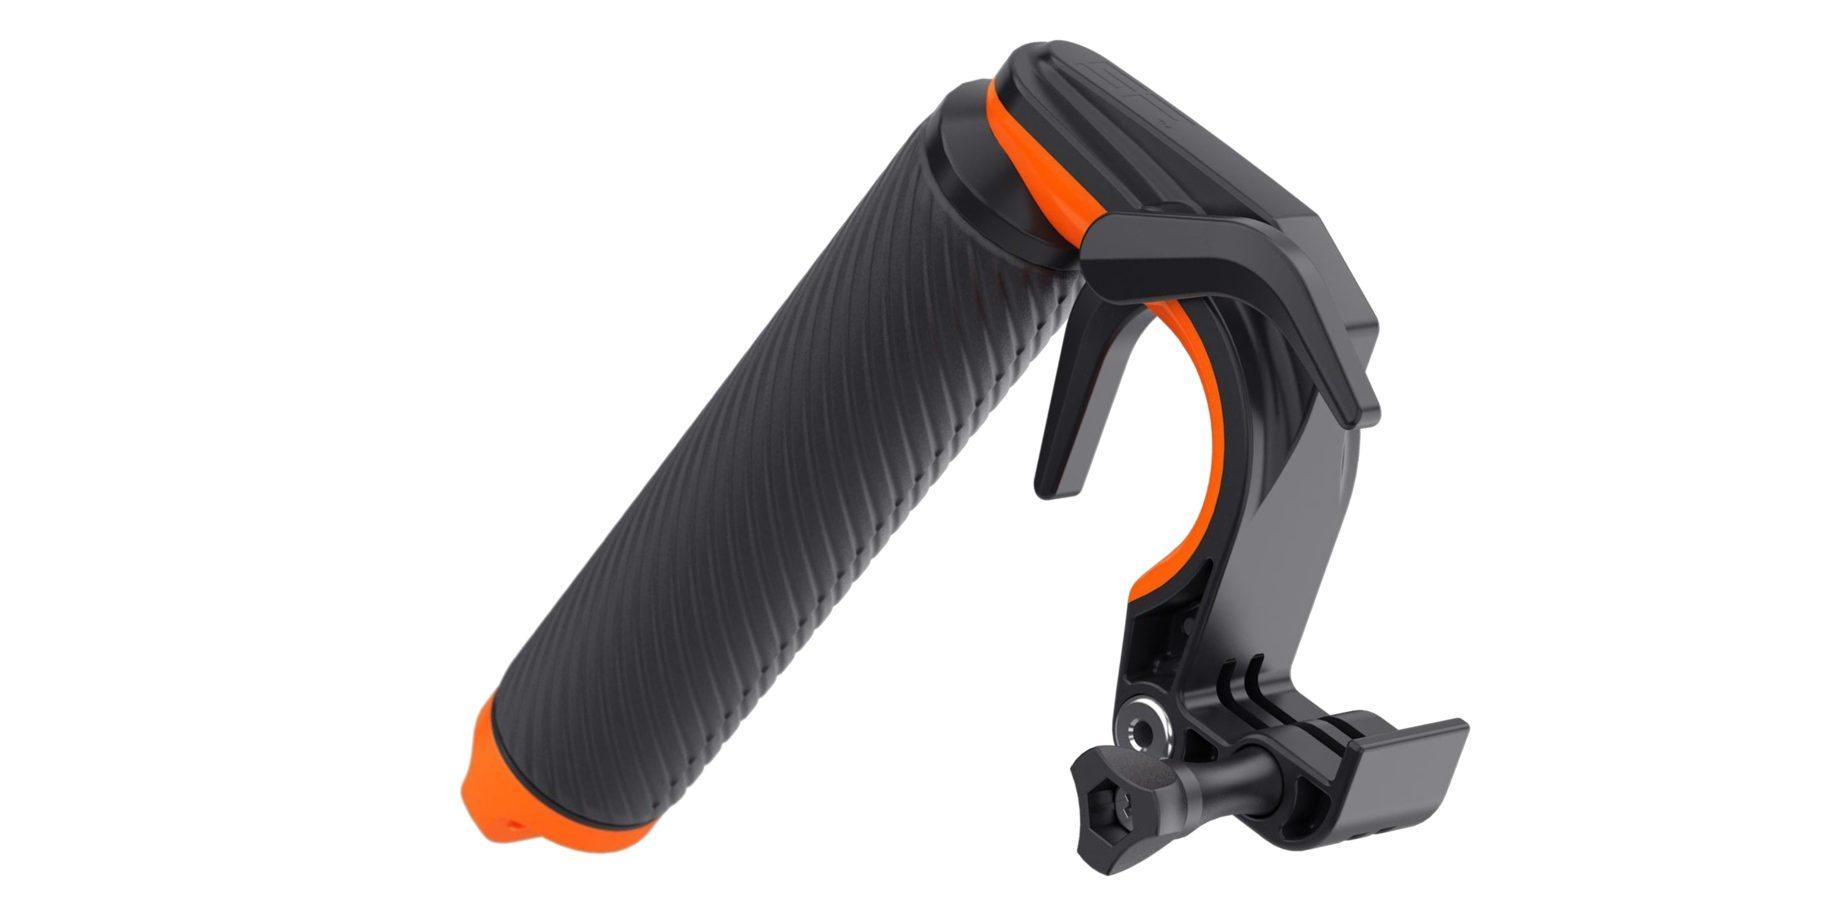 Trigger Set  Image: SP Gadgets